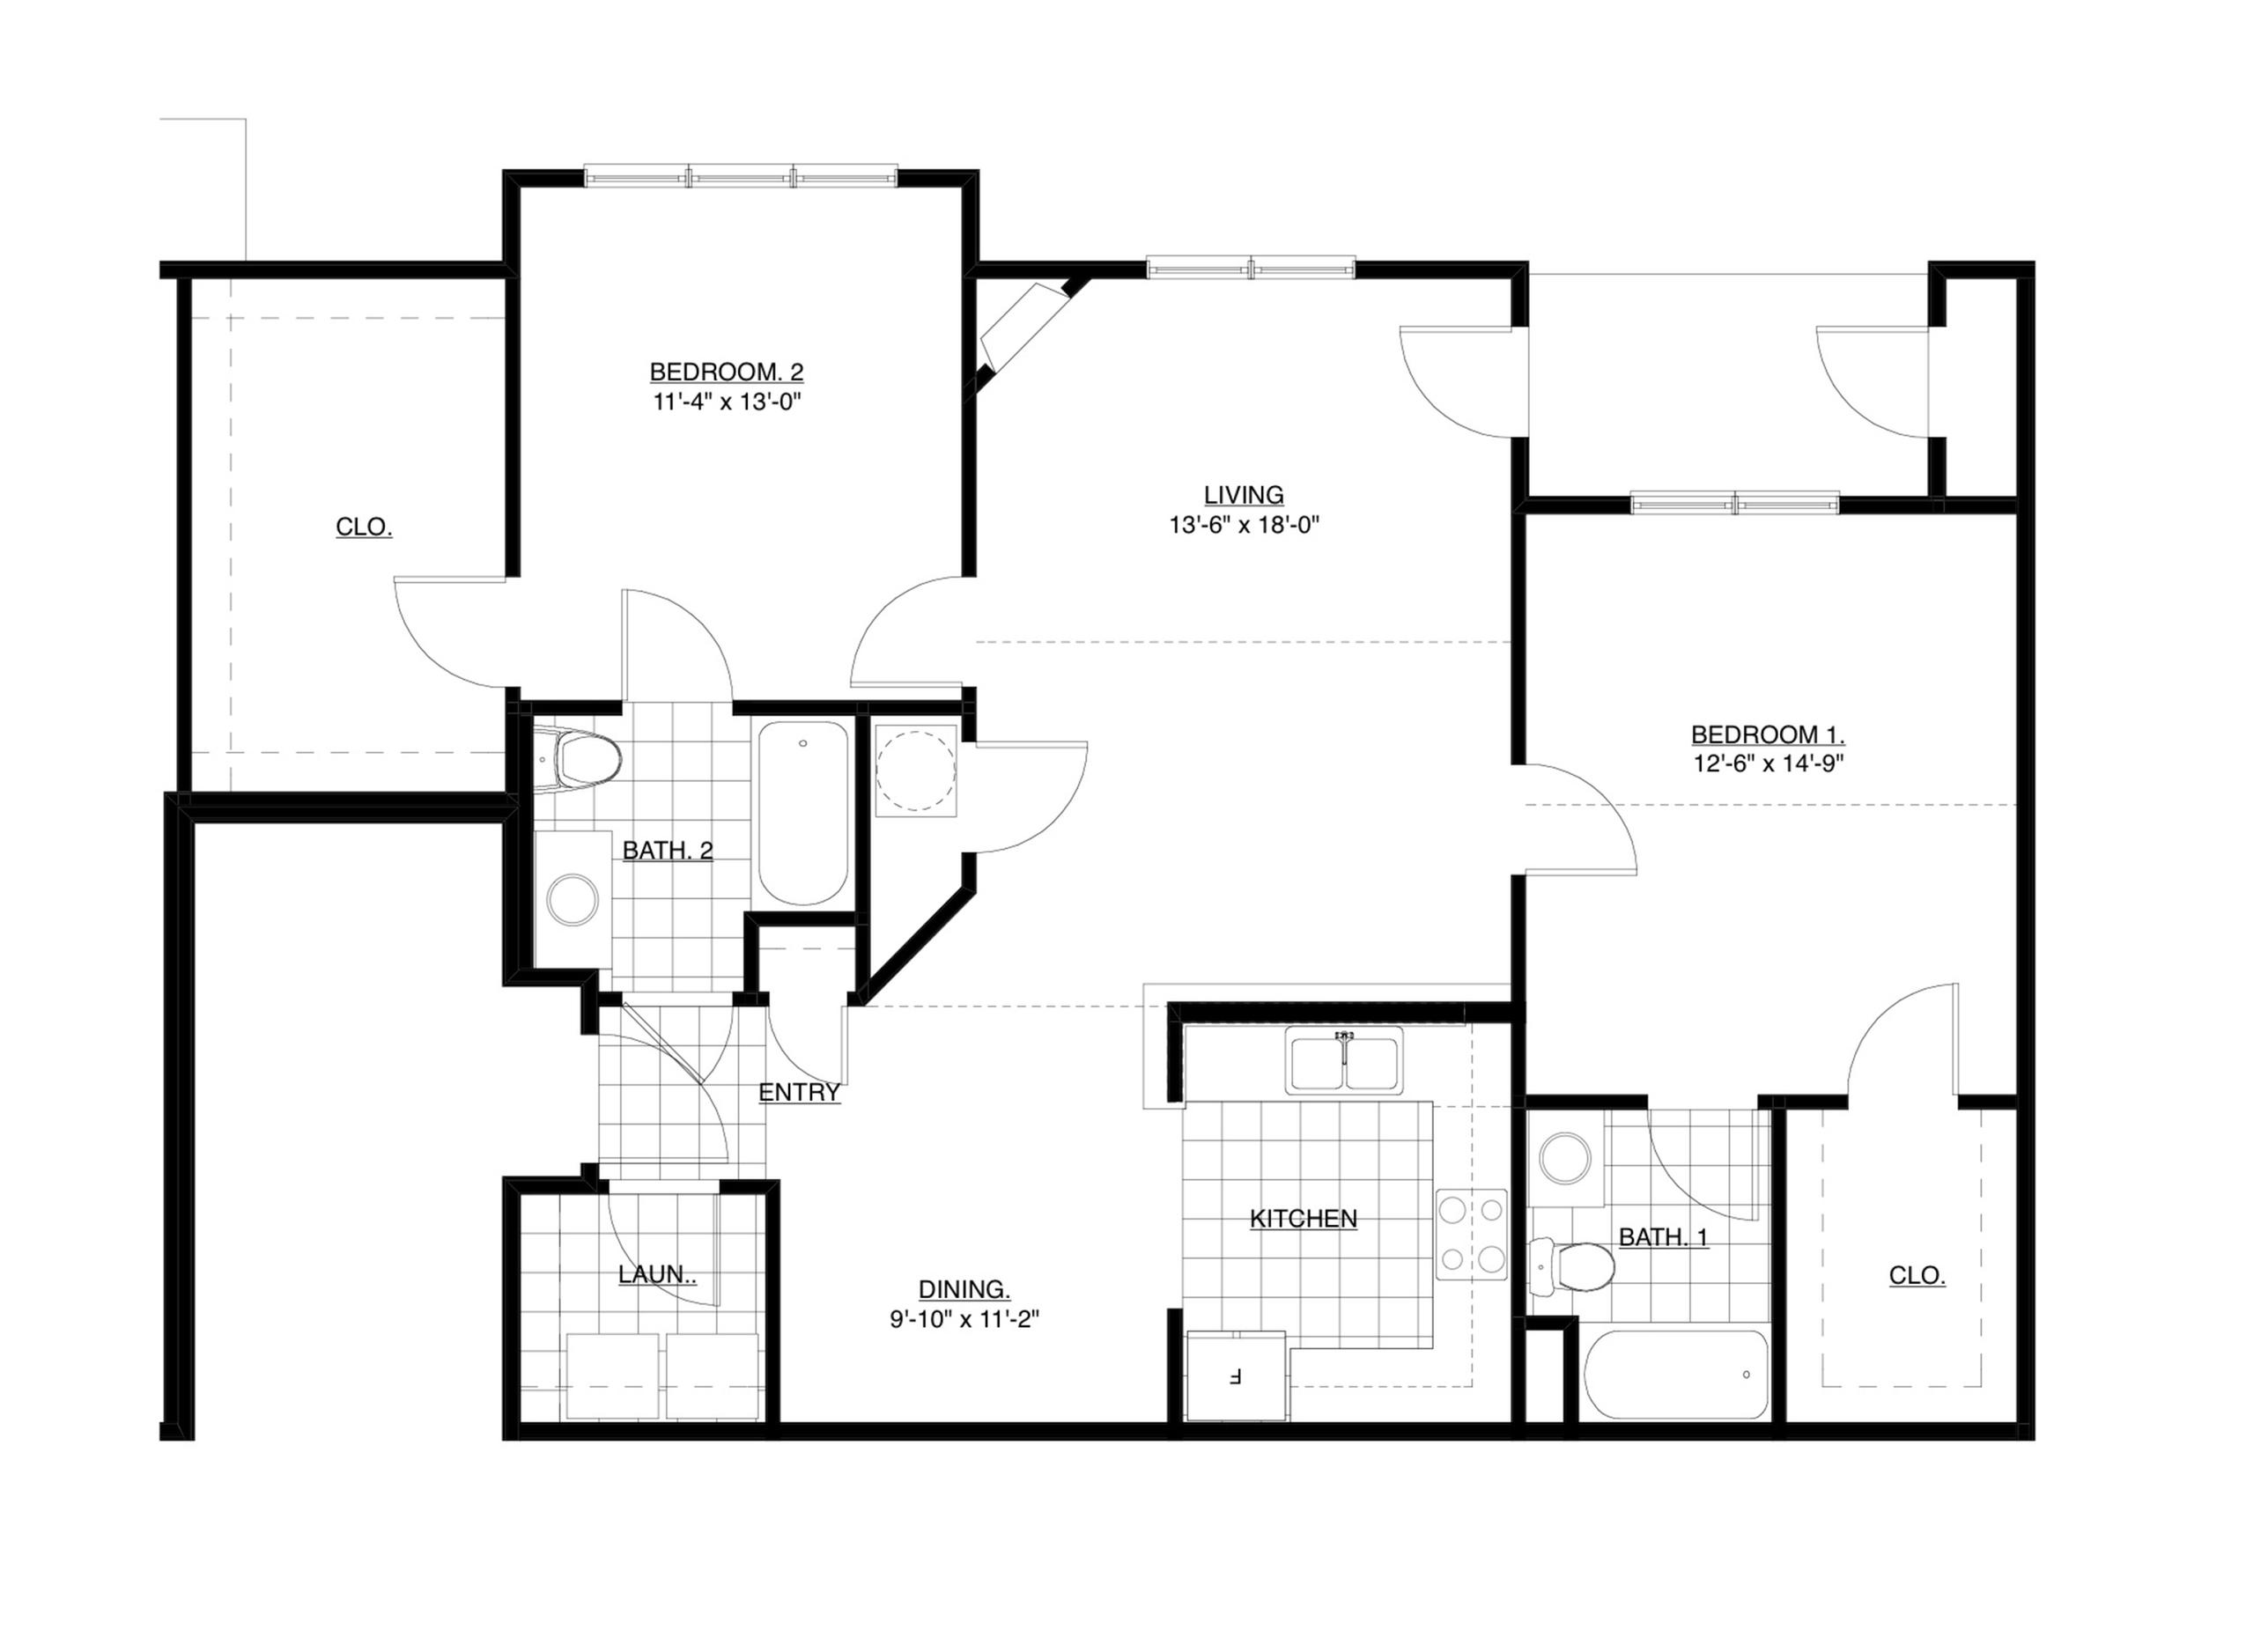 Overcup Floor Plan Image